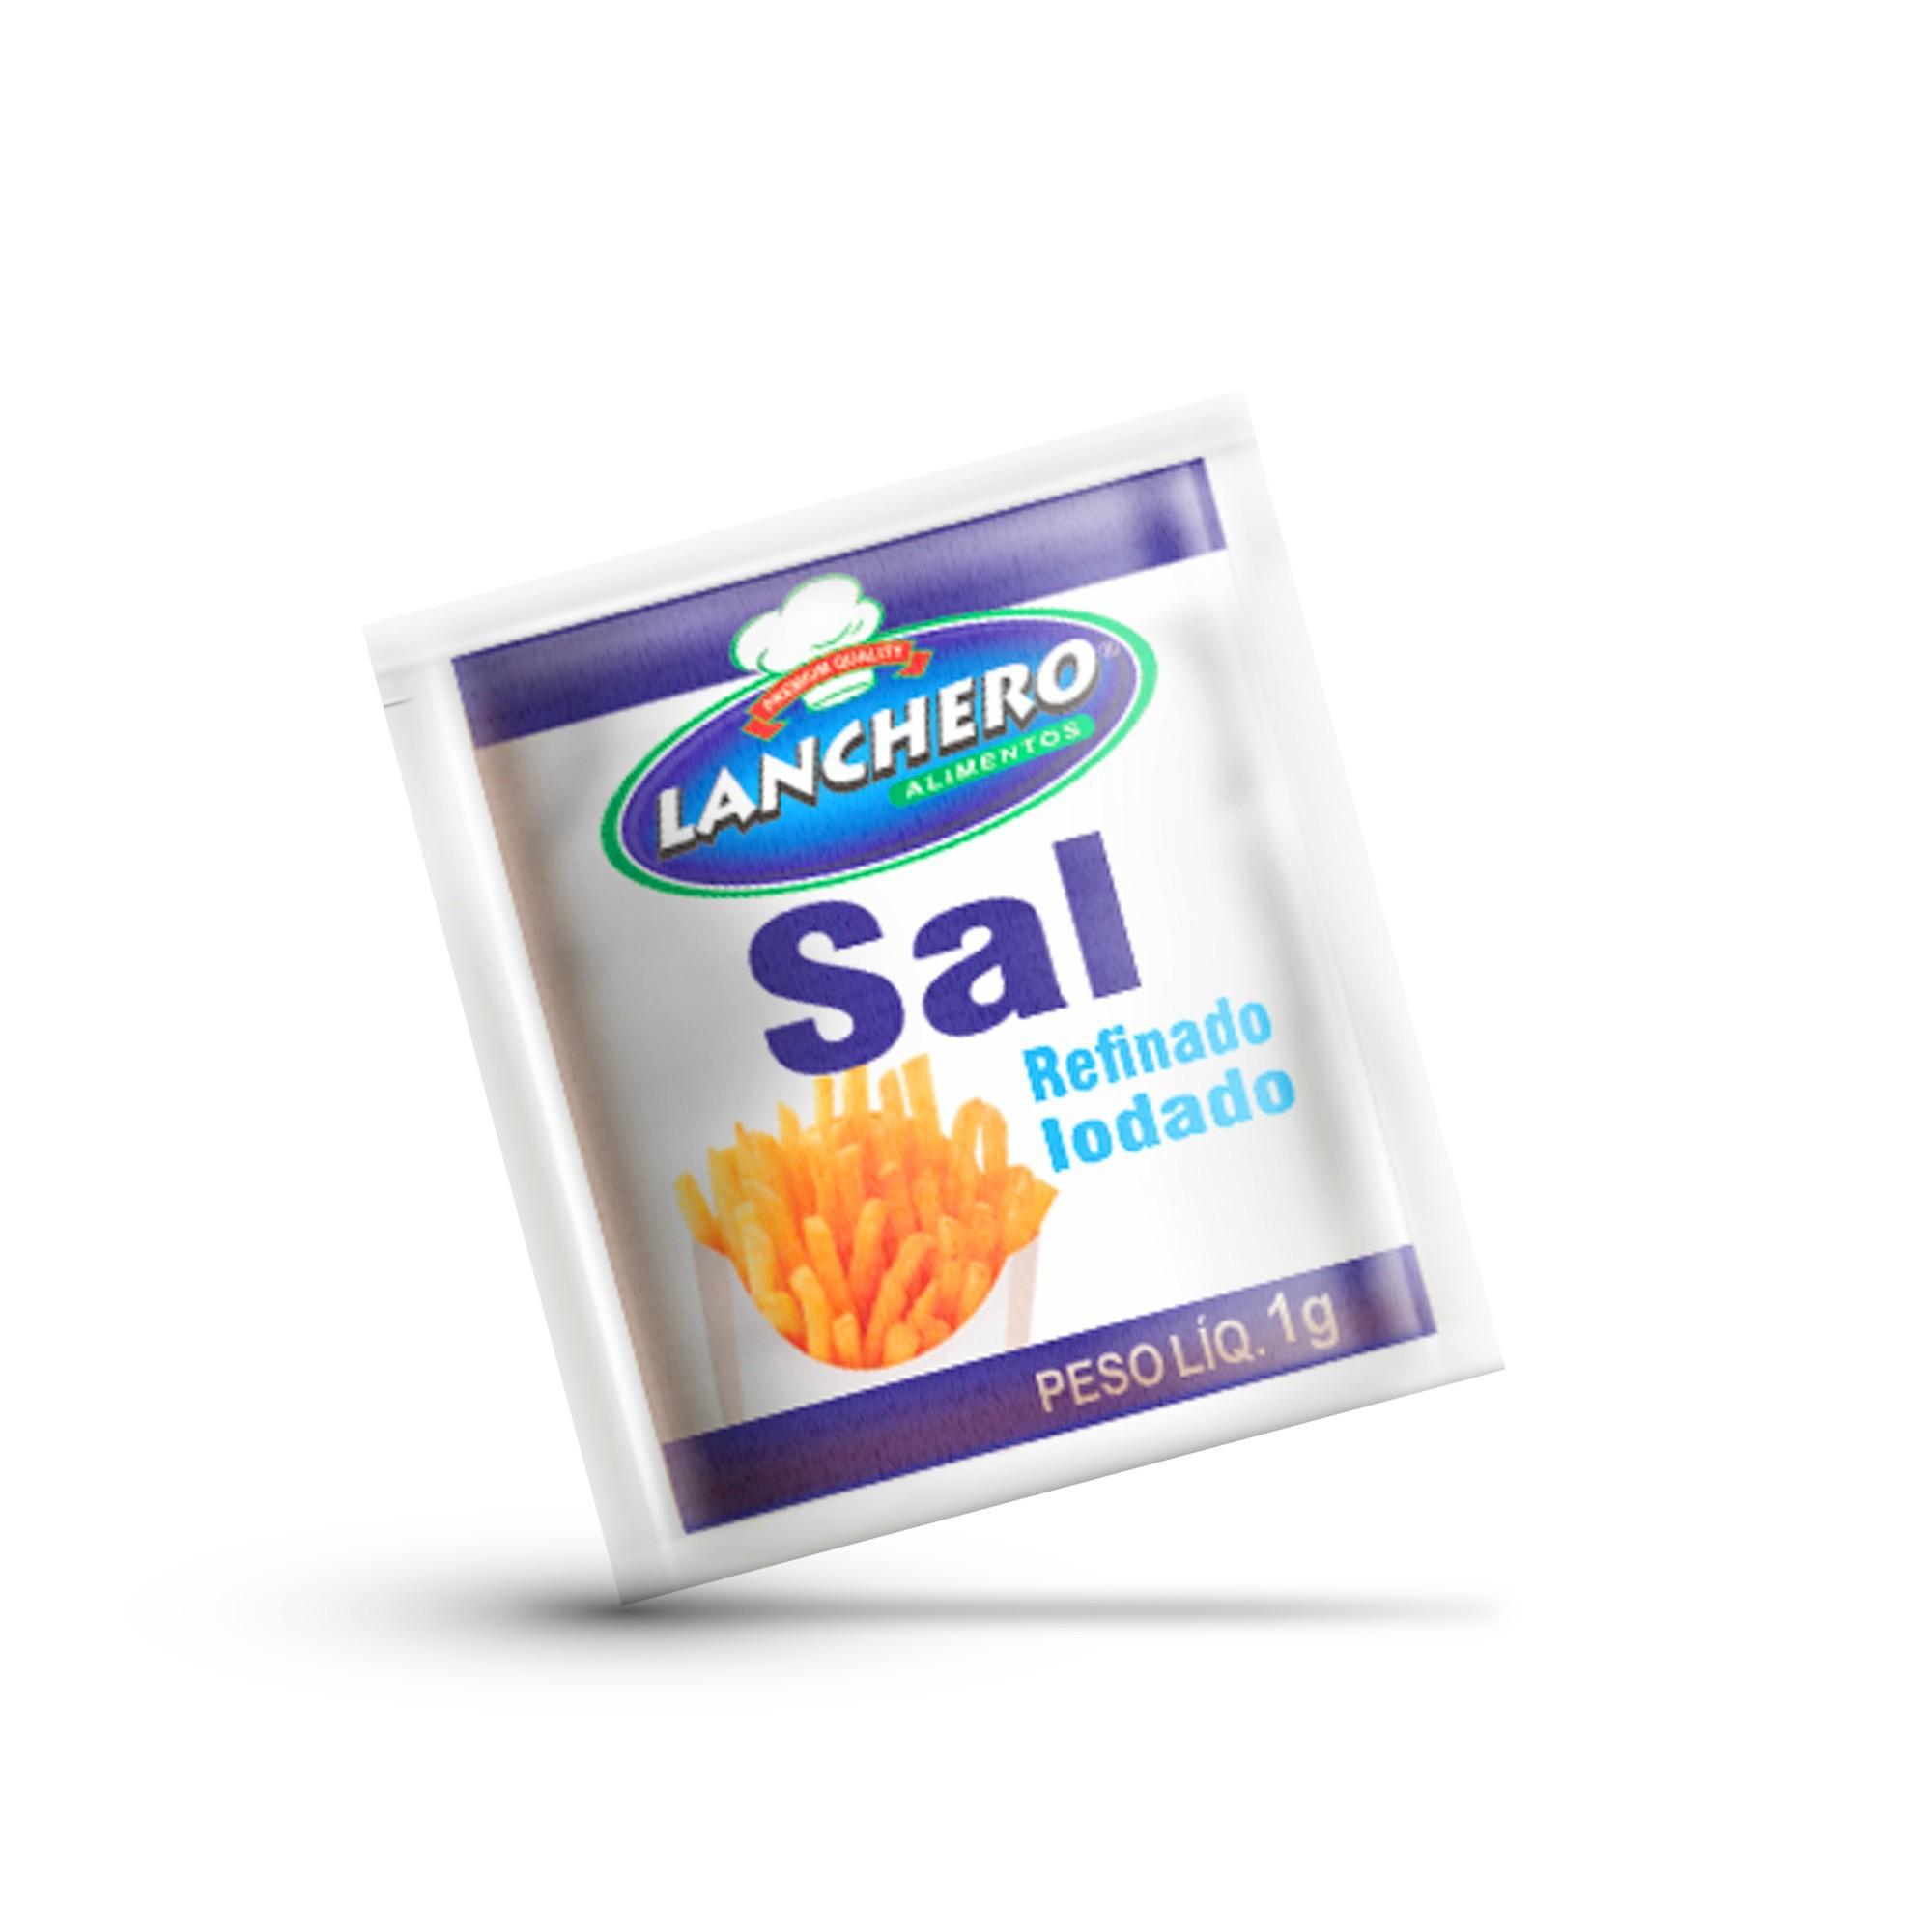 SAL LANCHERO SACHÊ 1G CAIXA 1.000 UNIDADES